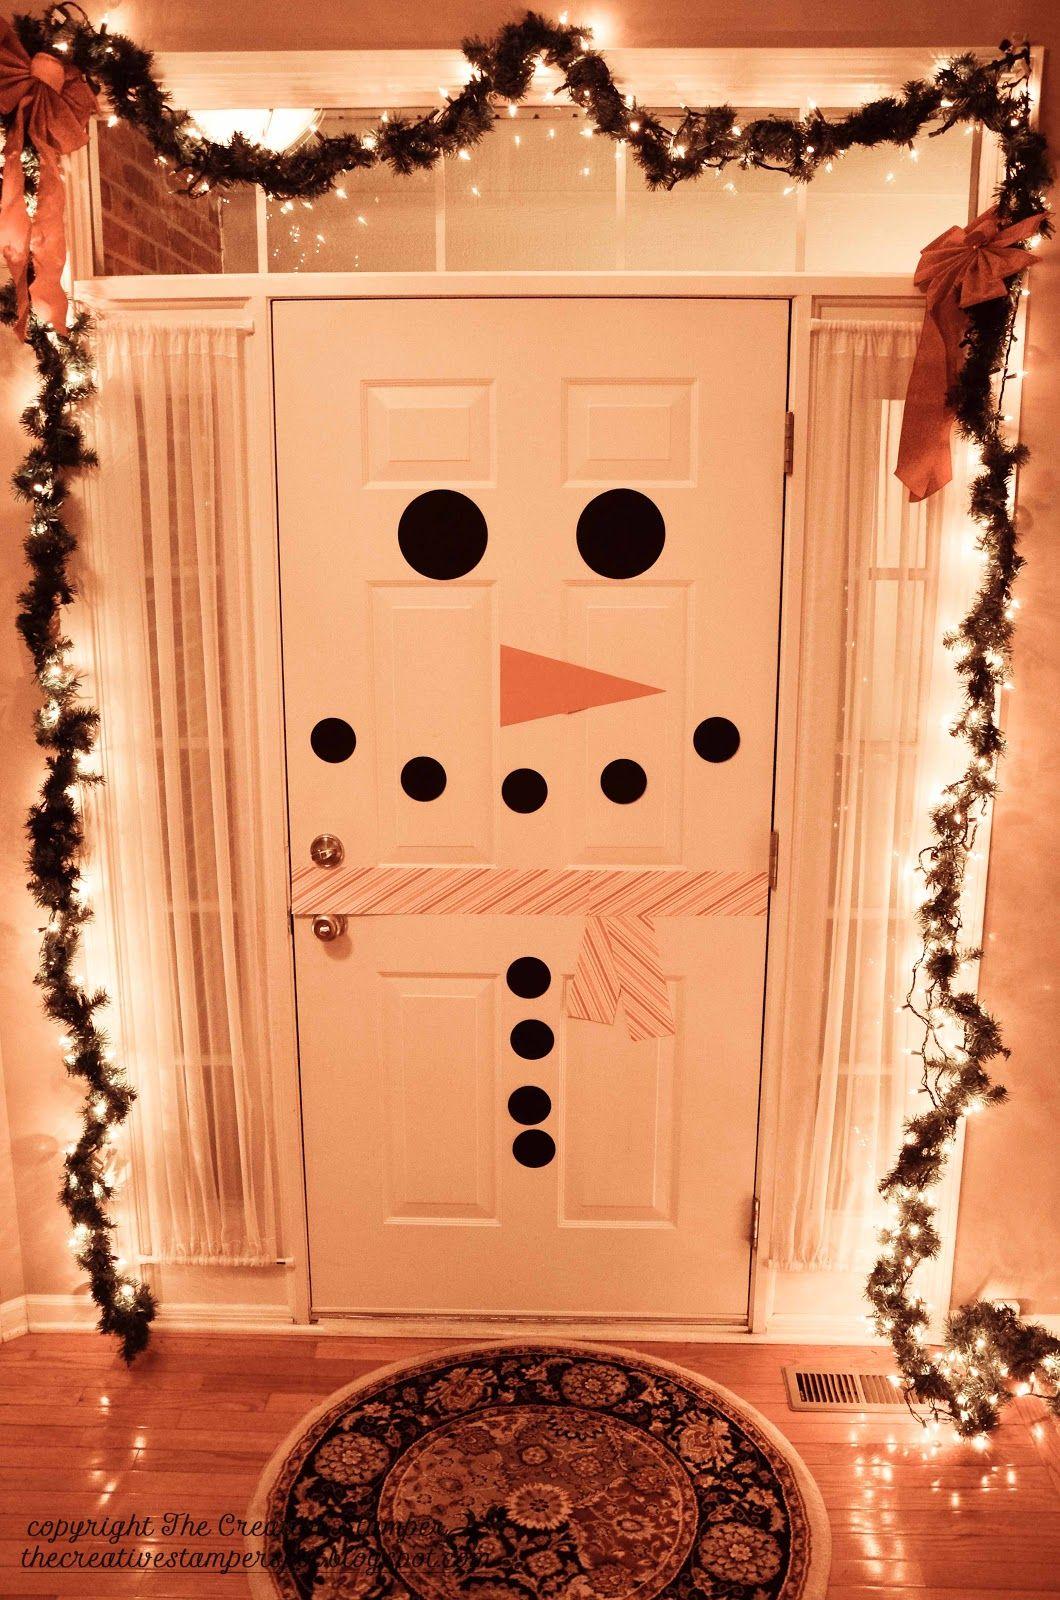 50 Innendekoration Ideen für Weihnachten, die dieses Jahr Ihre Kreativität wecken werden - Hause Dekore